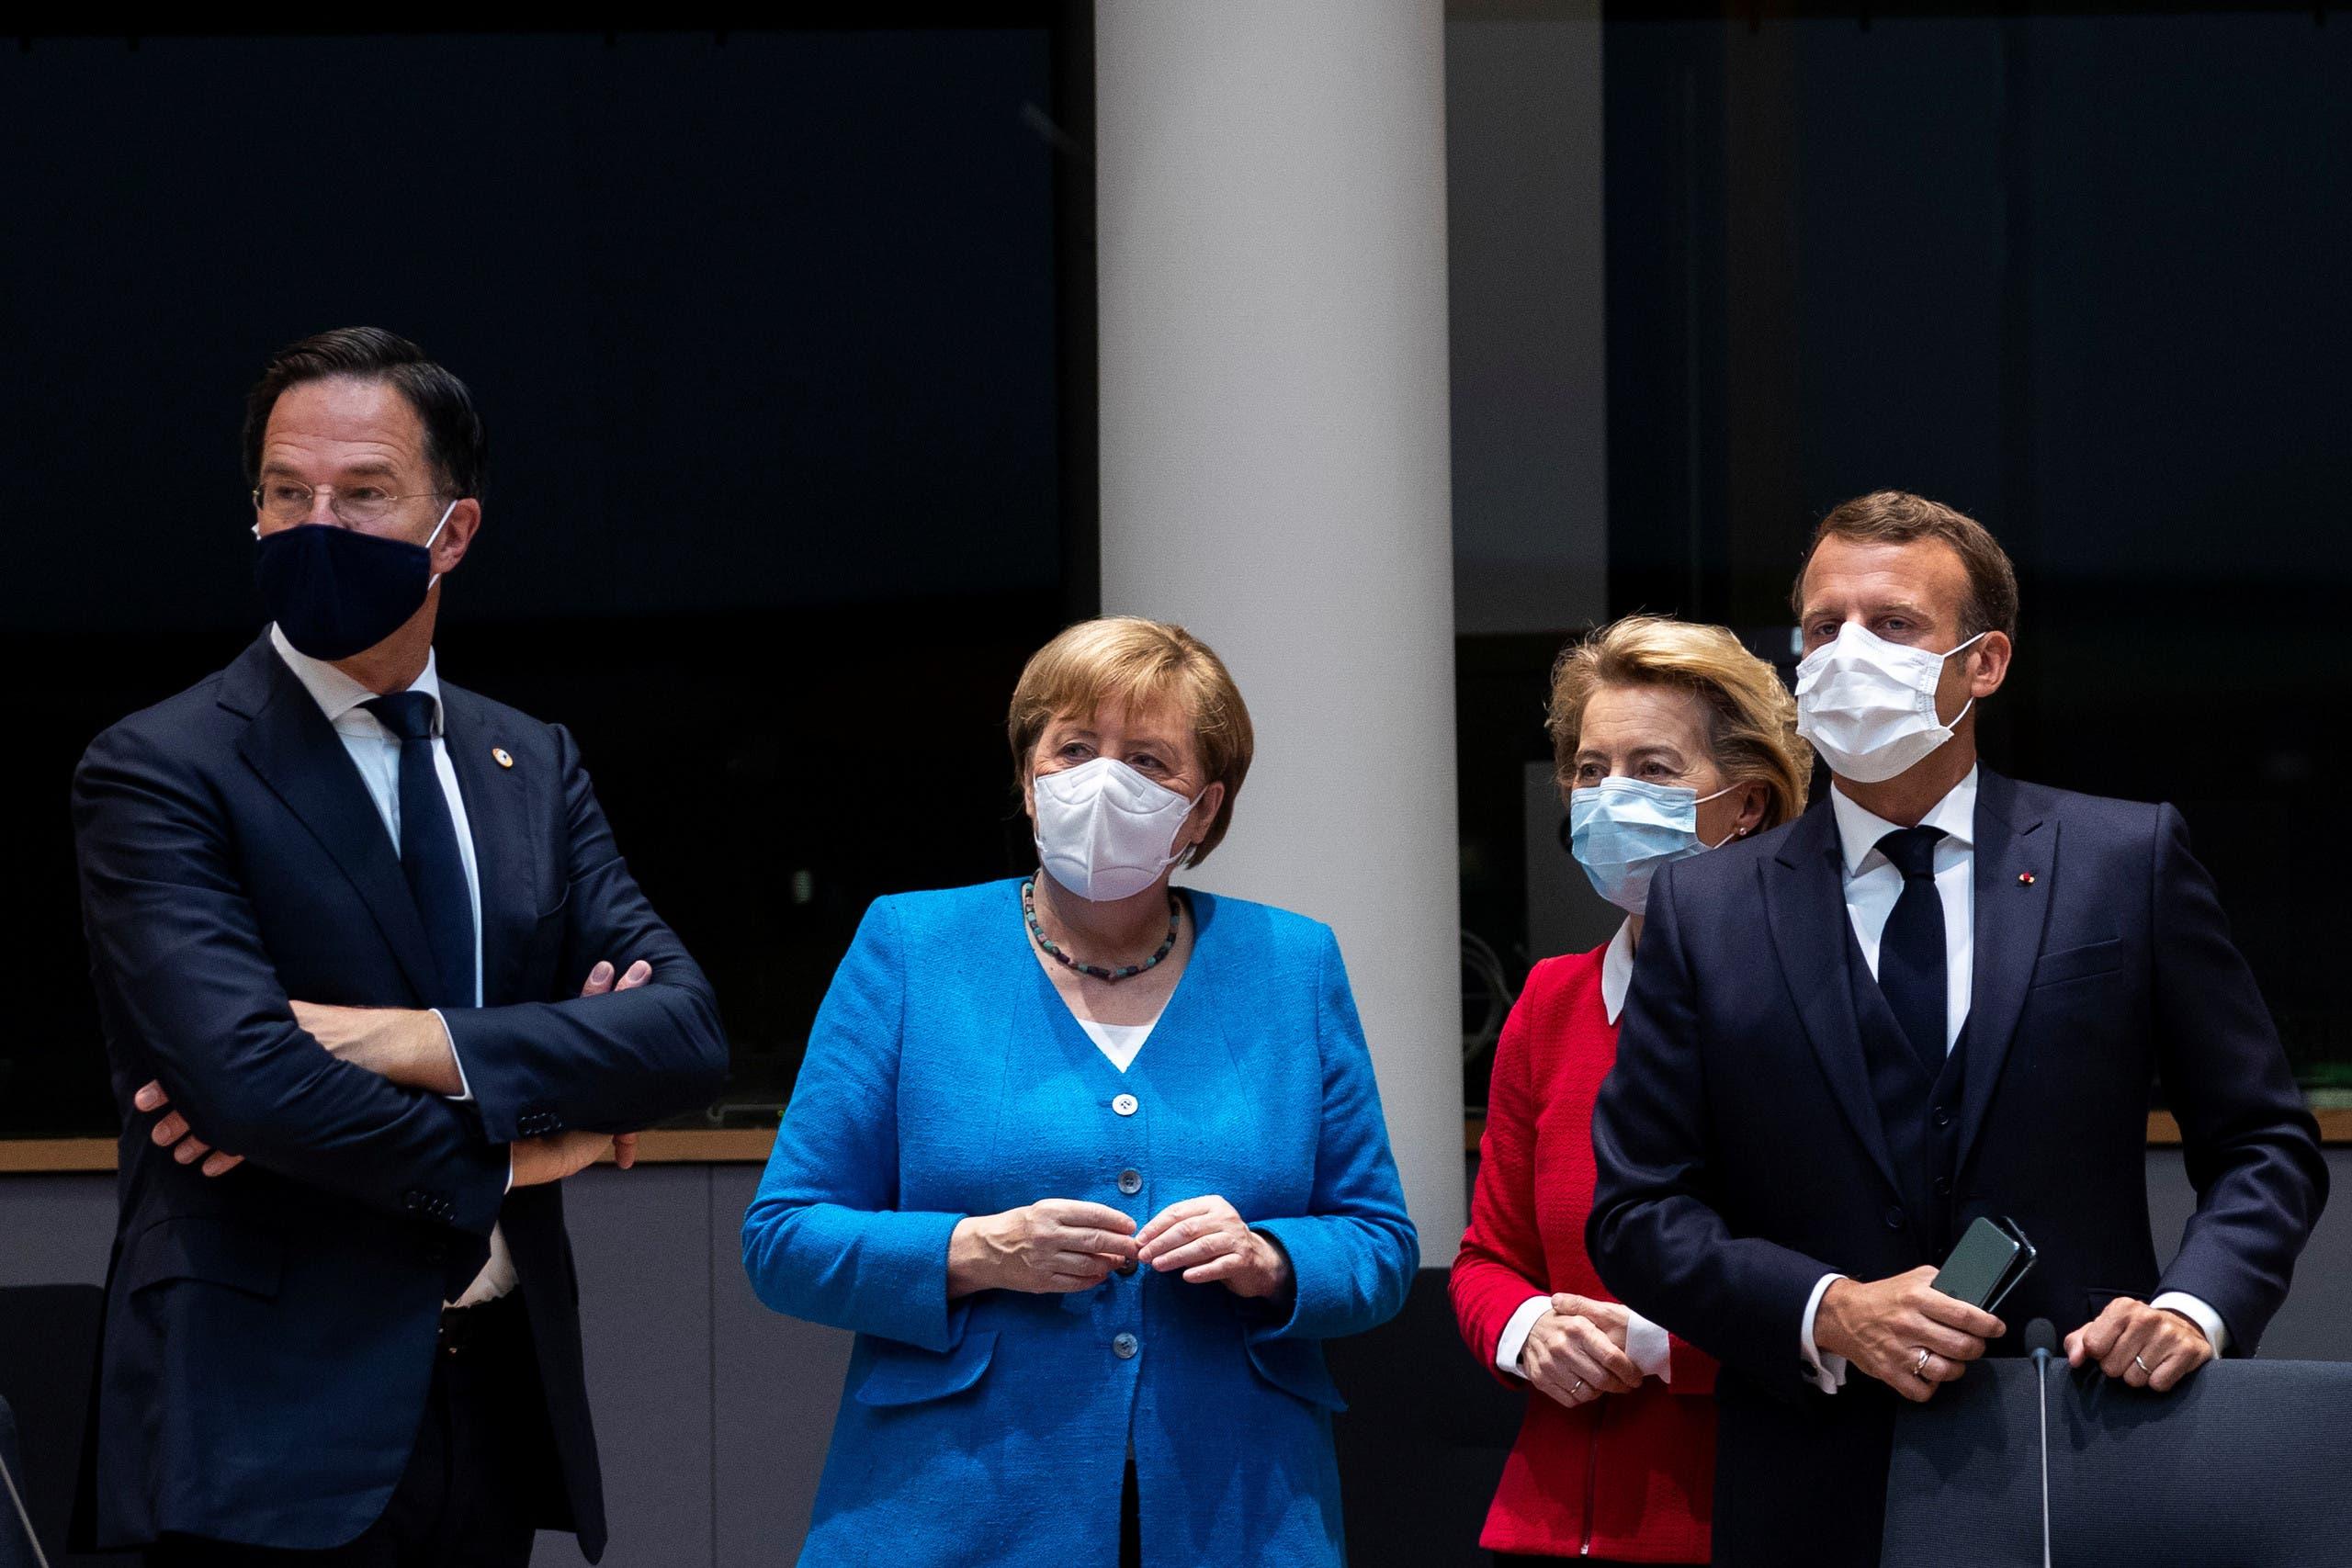 من اجتماعات الاتحاد الأوروبي في بروكسيل (أرشيفية- رويترز)